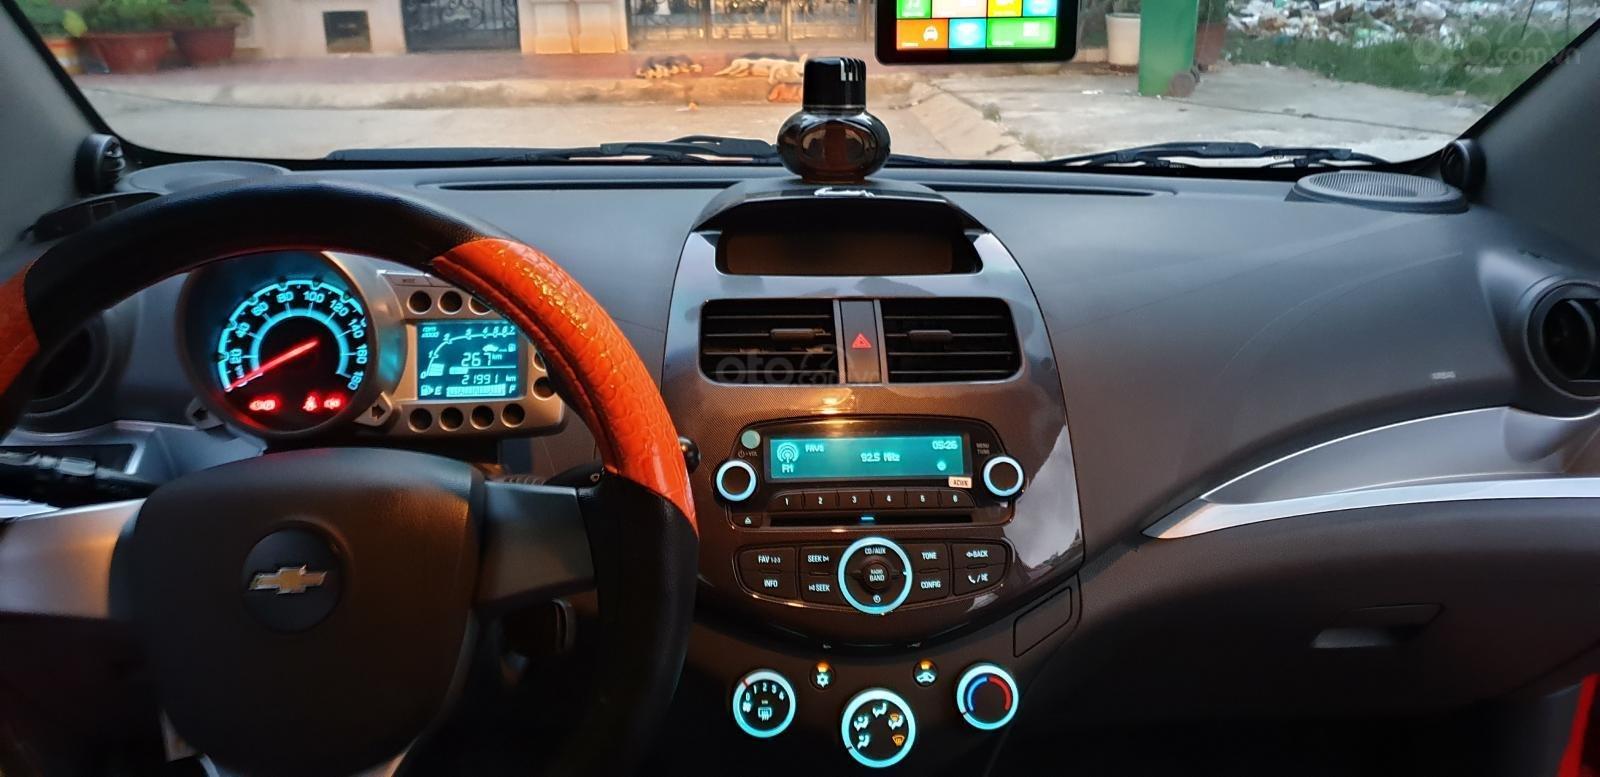 Bán Chevrolet Spark LTZ , số tự động đời T2/2014 sx 2013 màu đỏ đẹp mới 90% (11)